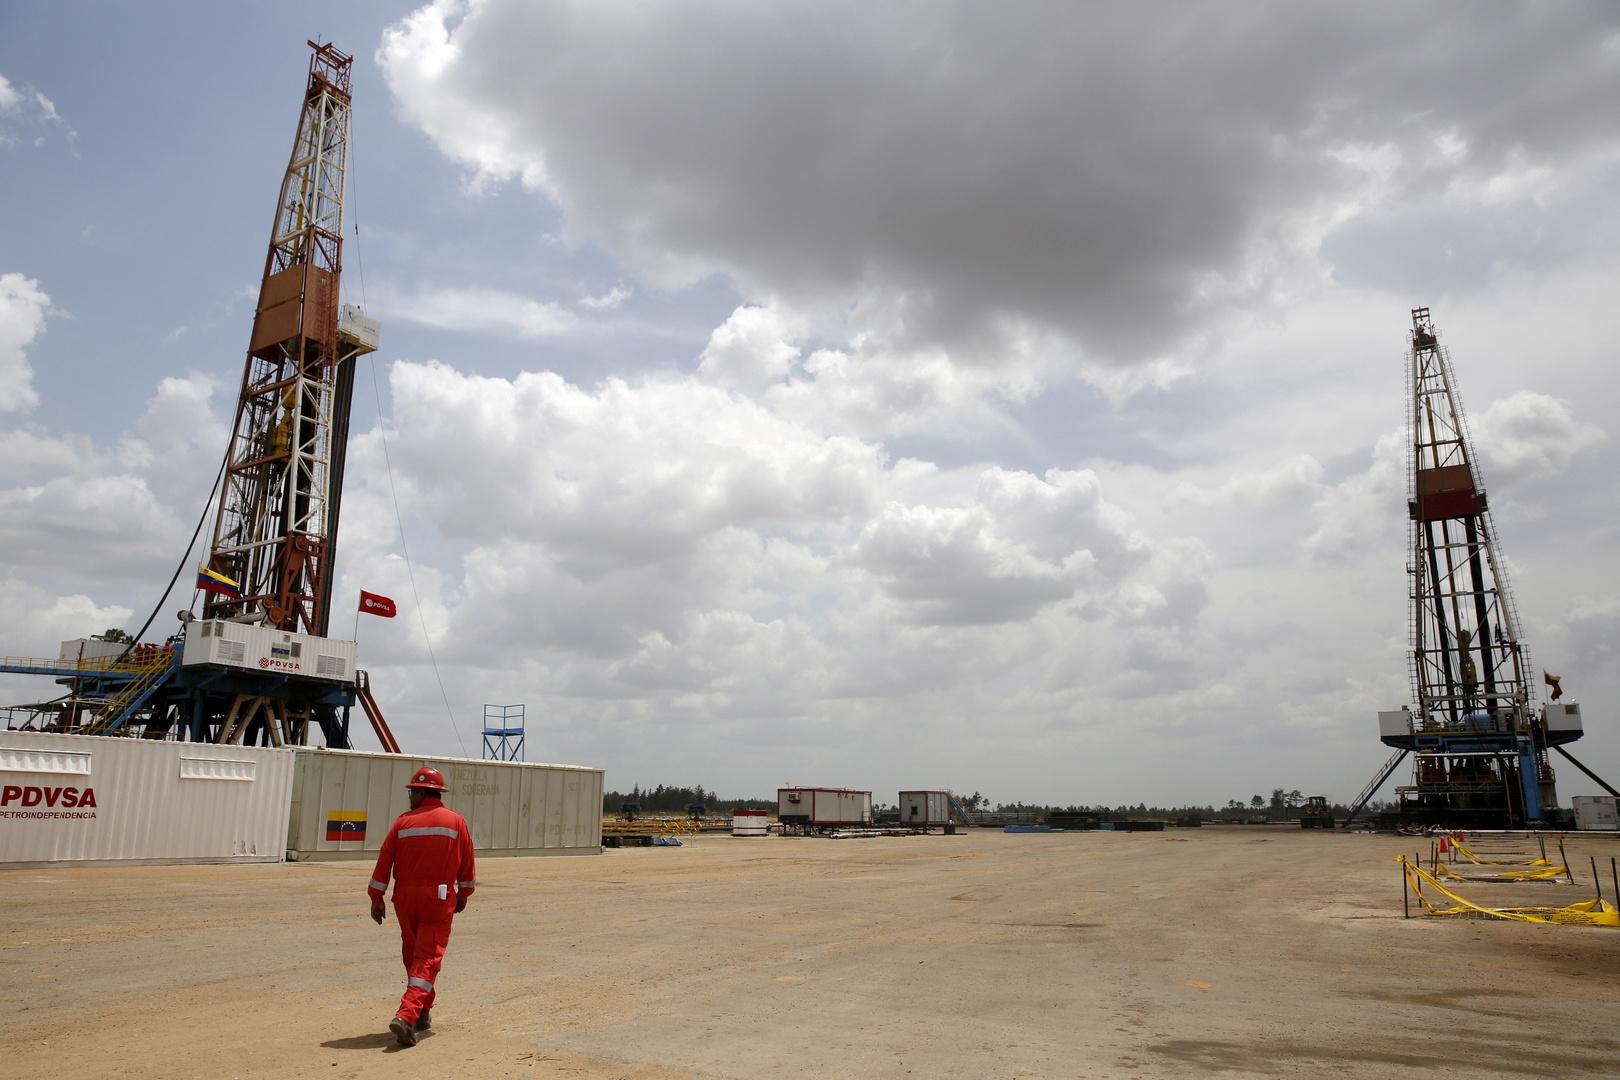 أسعار النفط تنخفض بعد بيانات غير متوقعة